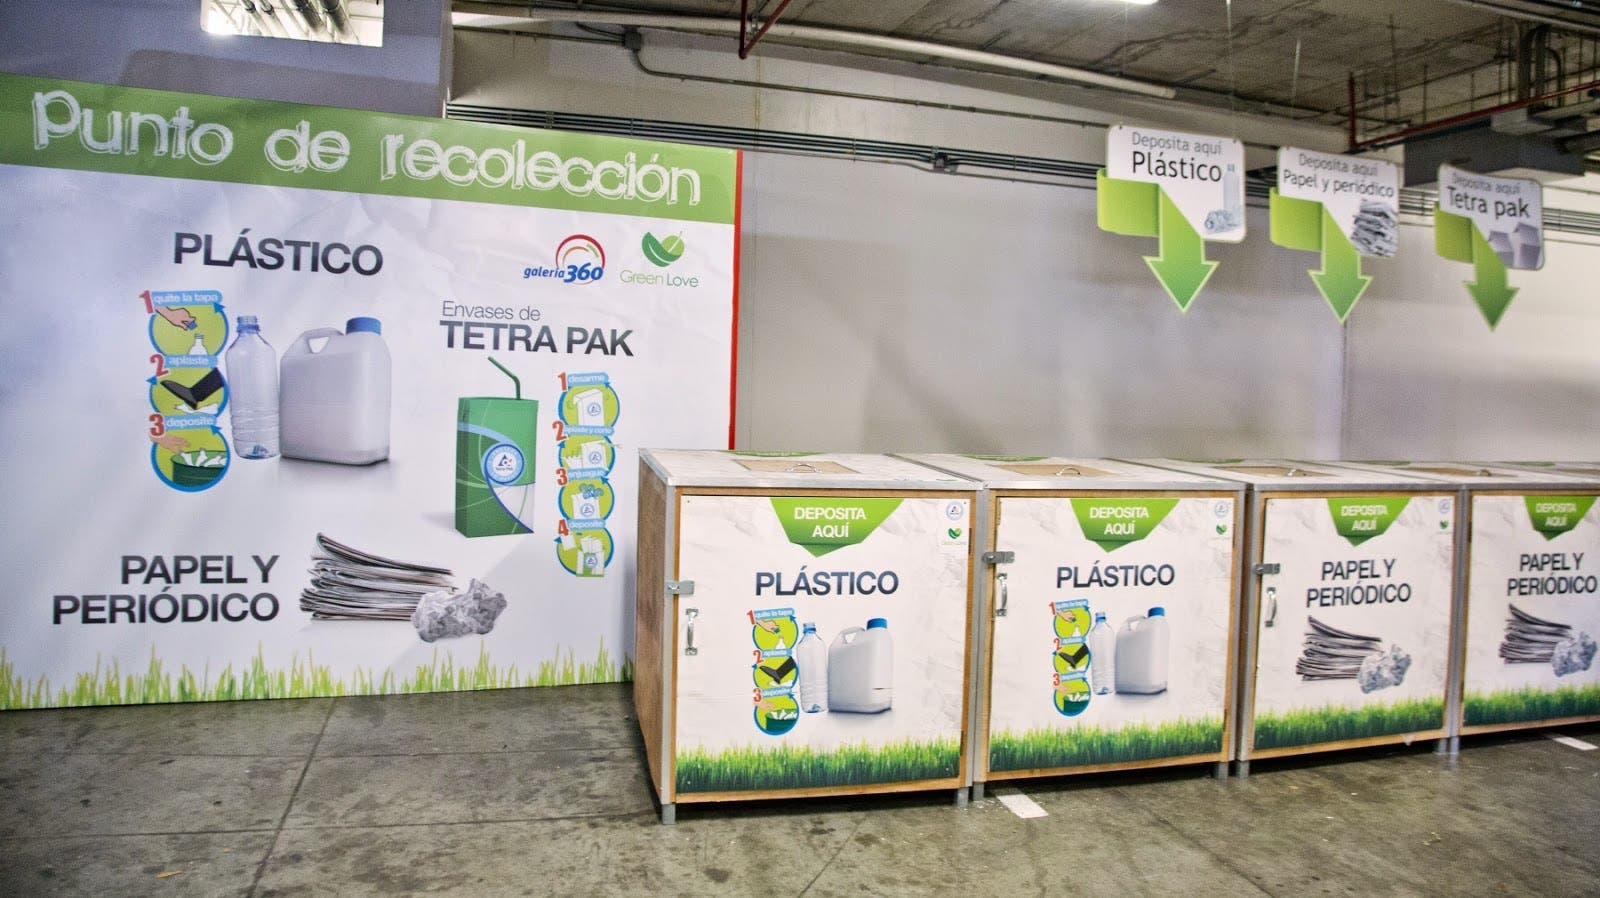 Unapec abre feria de reciclaje